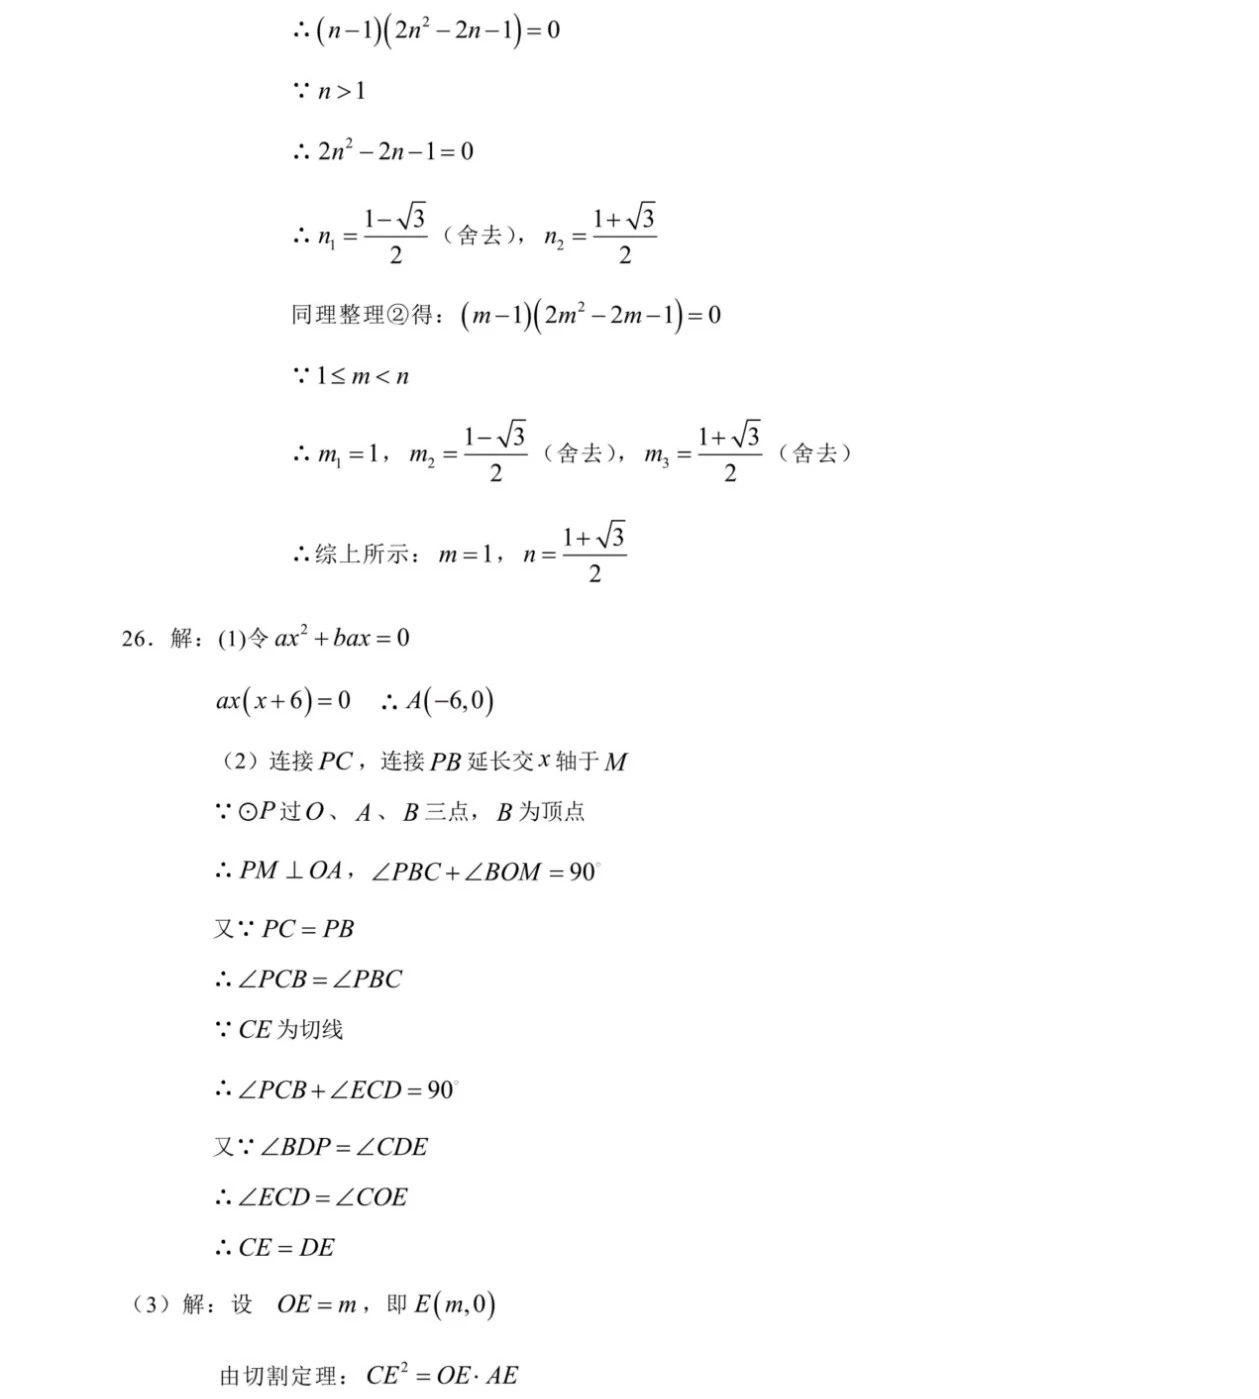 2019年湖南長沙中考數學真題及答案【圖片版】11.jpg